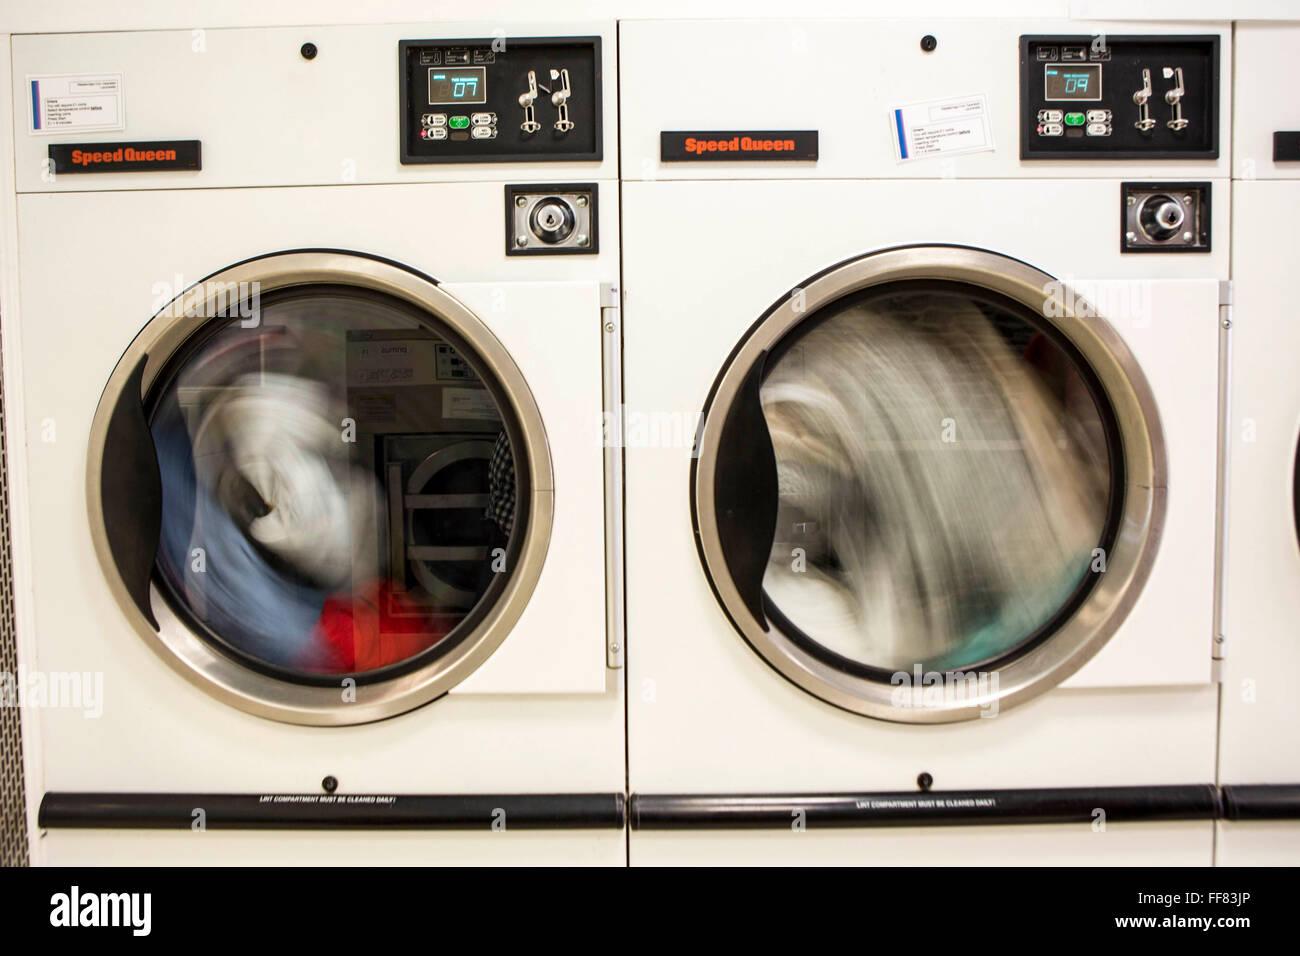 Zwei kommerzielle wäschetrockner trockner maschinen trocknen von